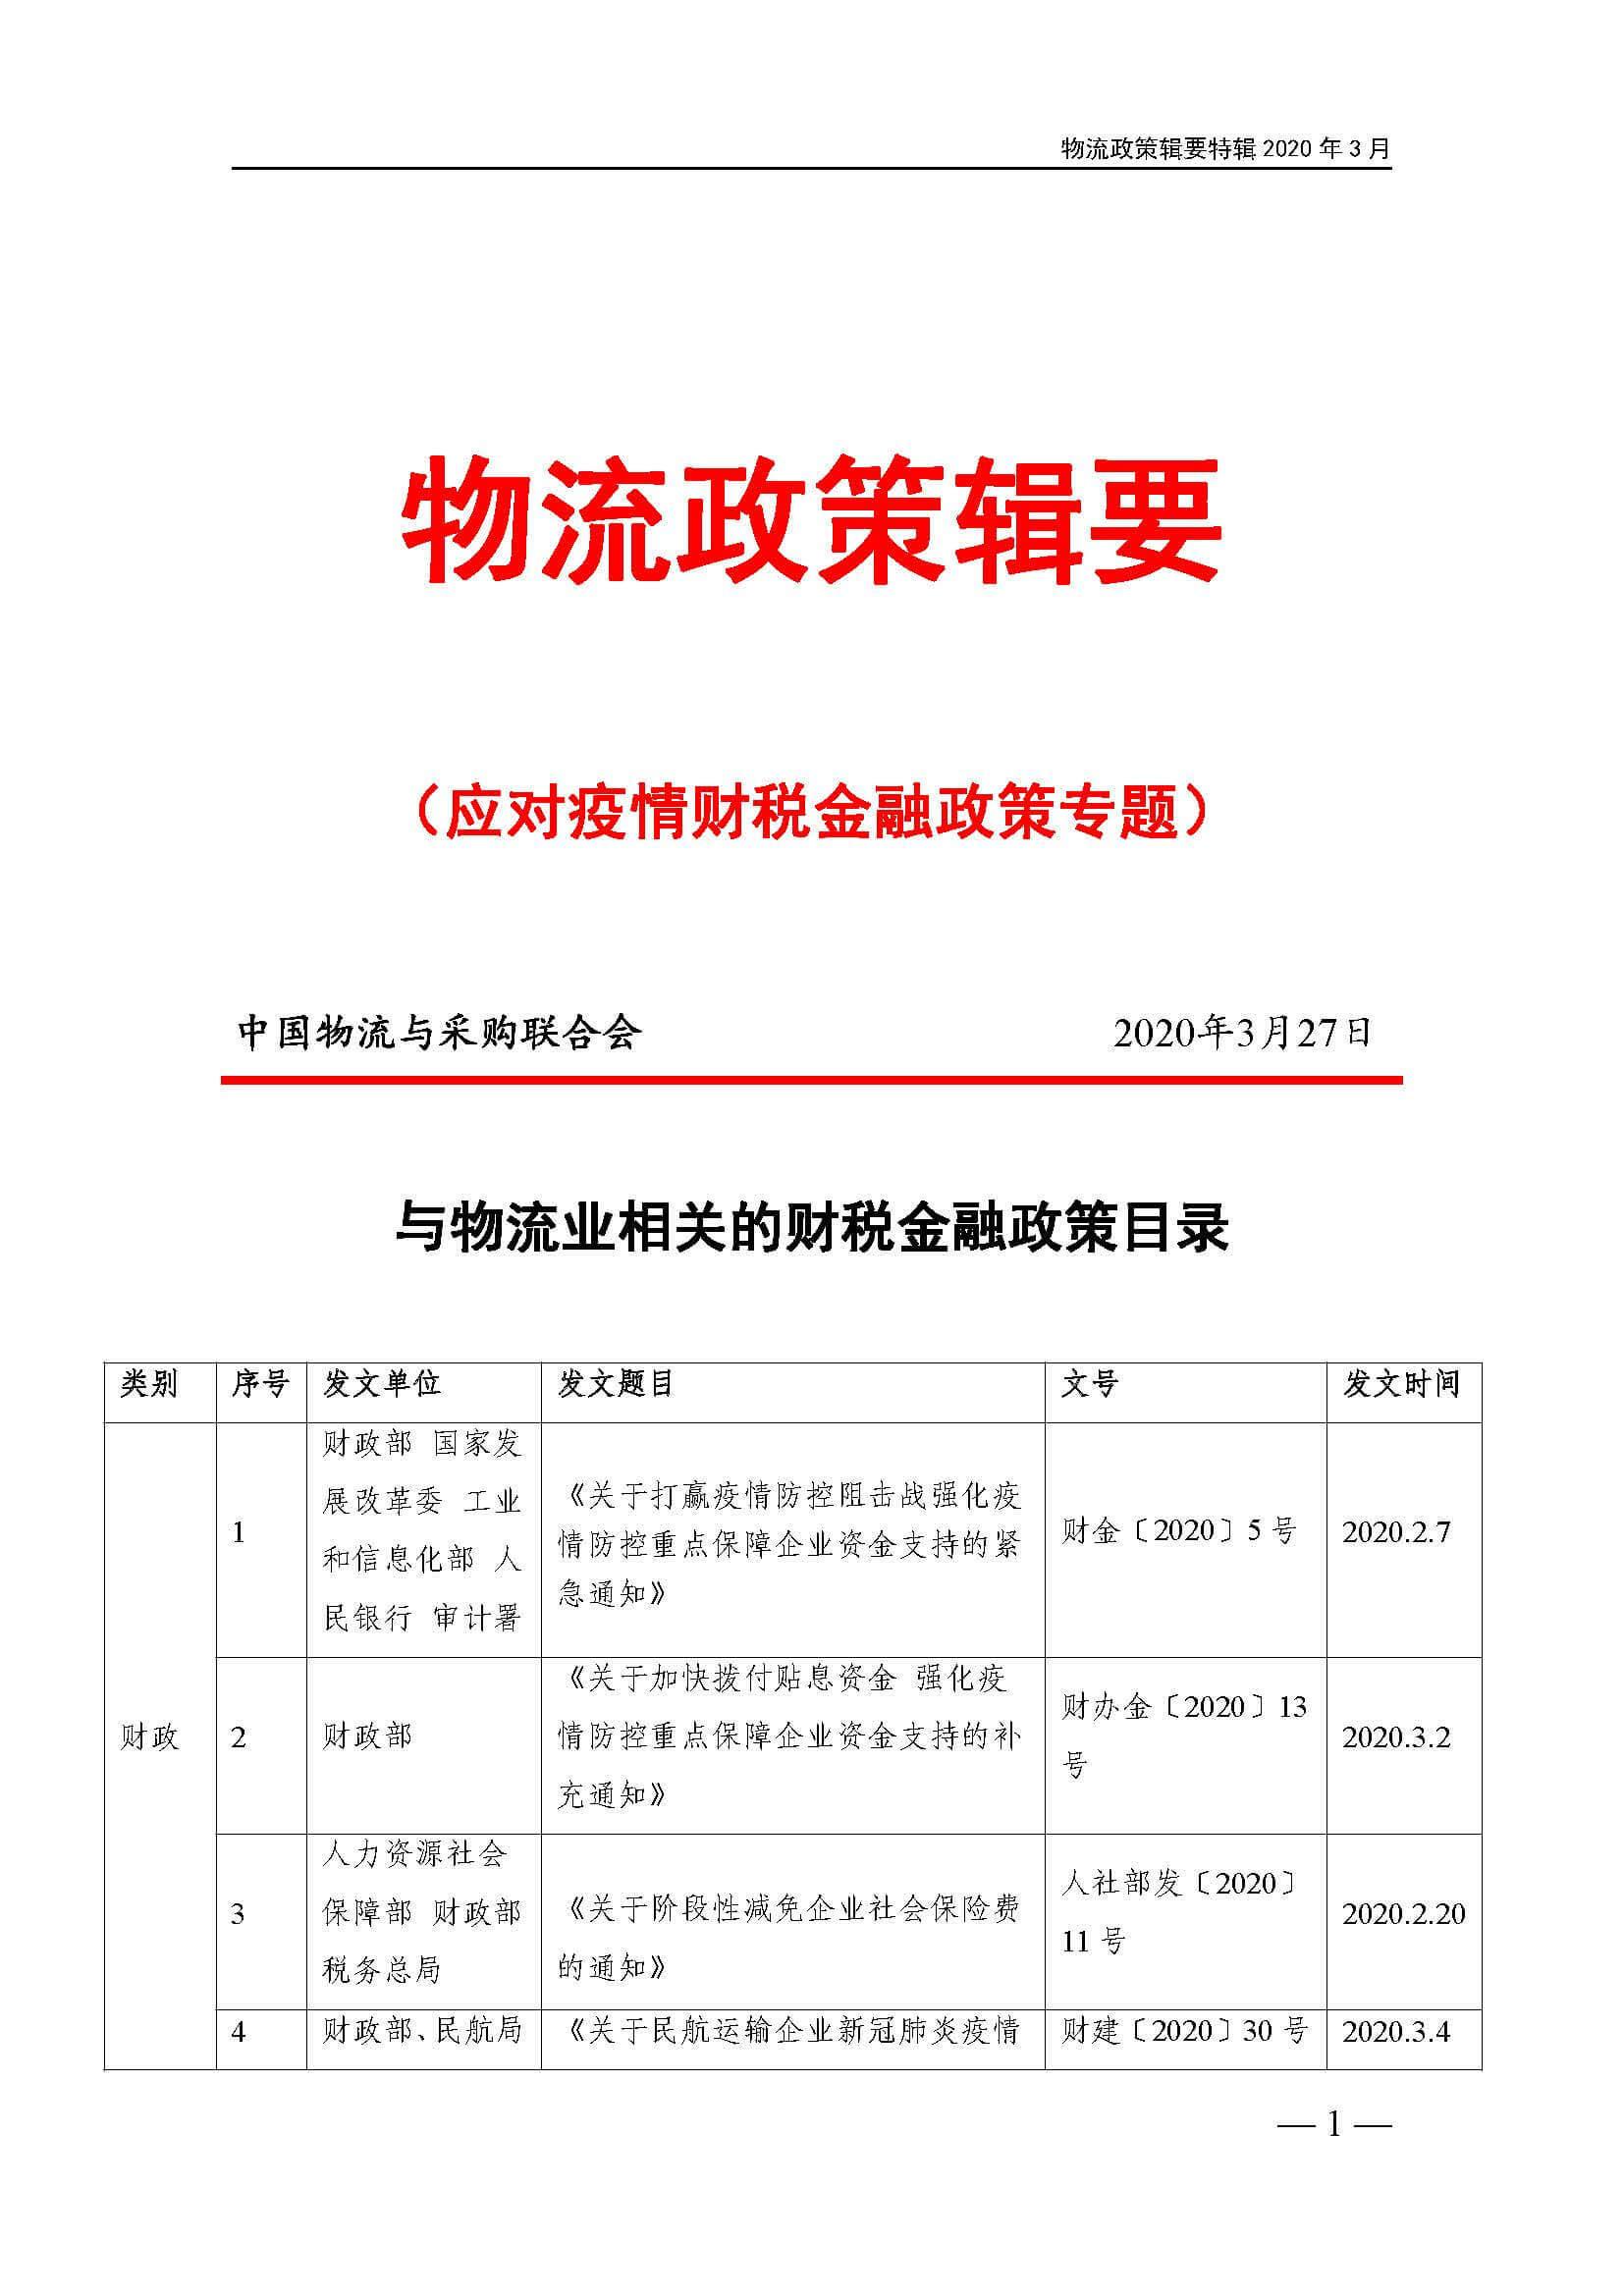 物流政策辑要 ——应对疫情财税金融政策专题(附下载)